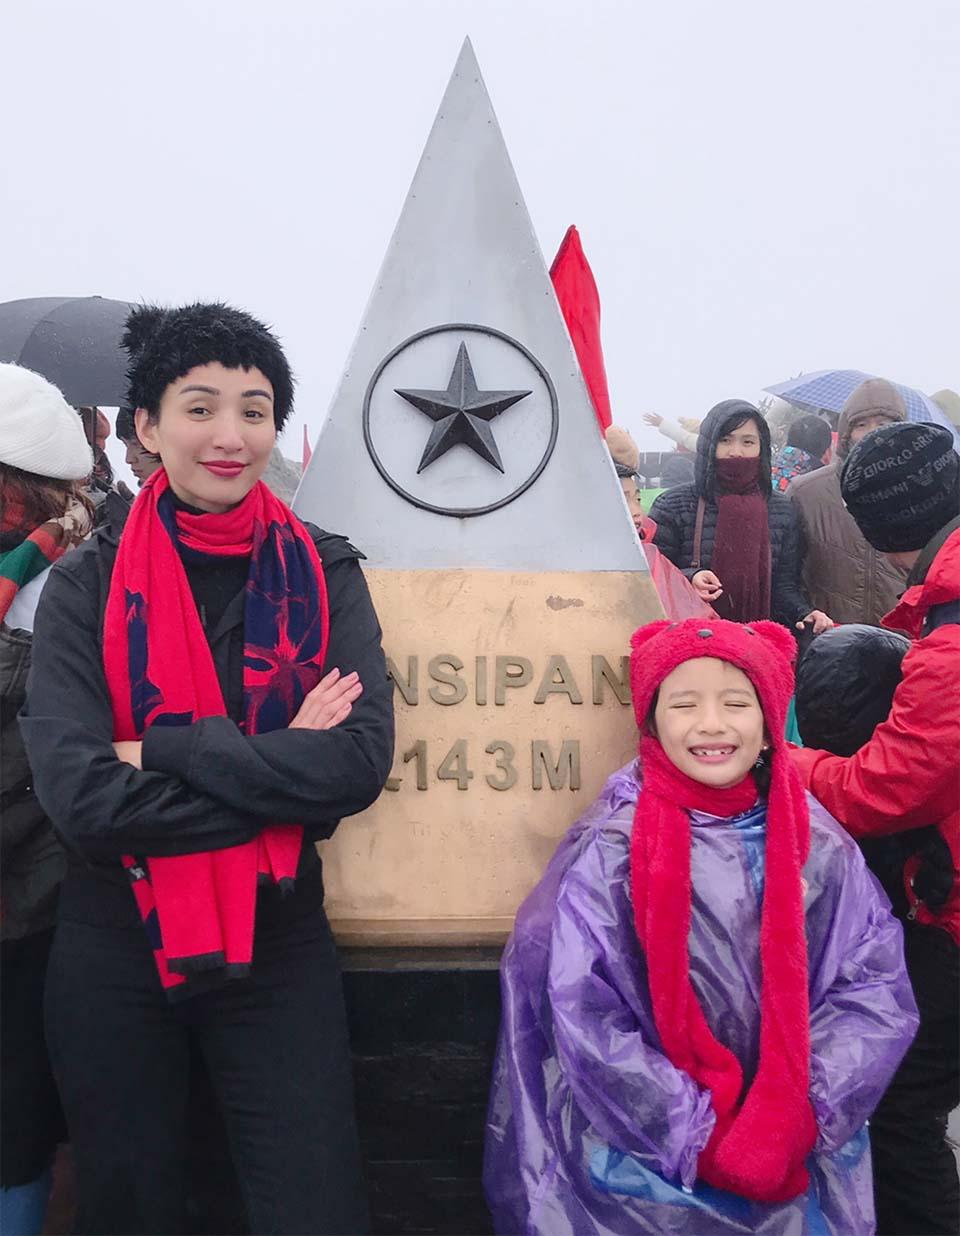 Hoa hậu Ngọc Diễm cùng con gái 8 tuổi lên đỉnh Fansipan khi trời -4 độ C - Ảnh 2